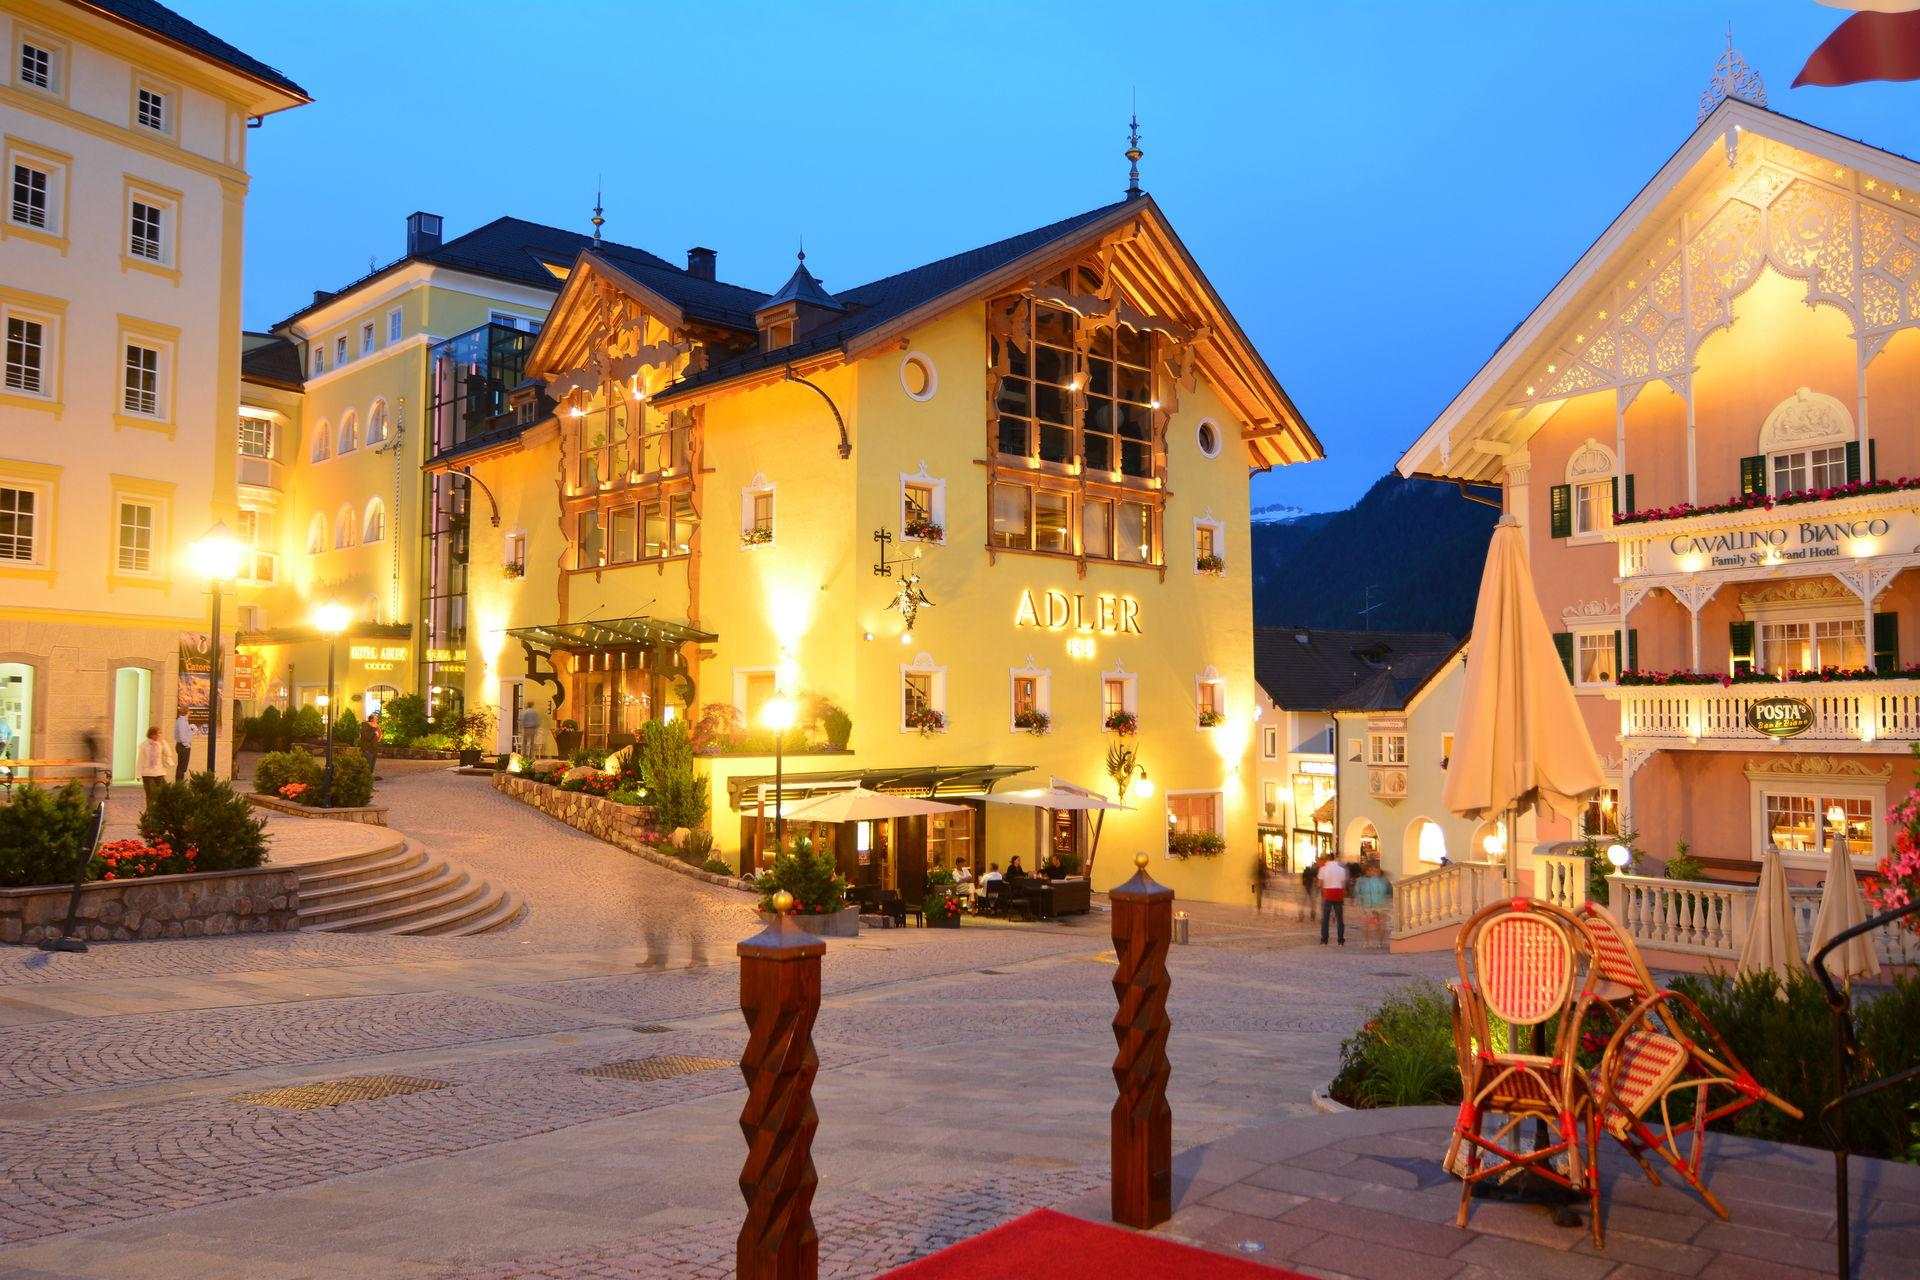 Hotel Adler Day Spa